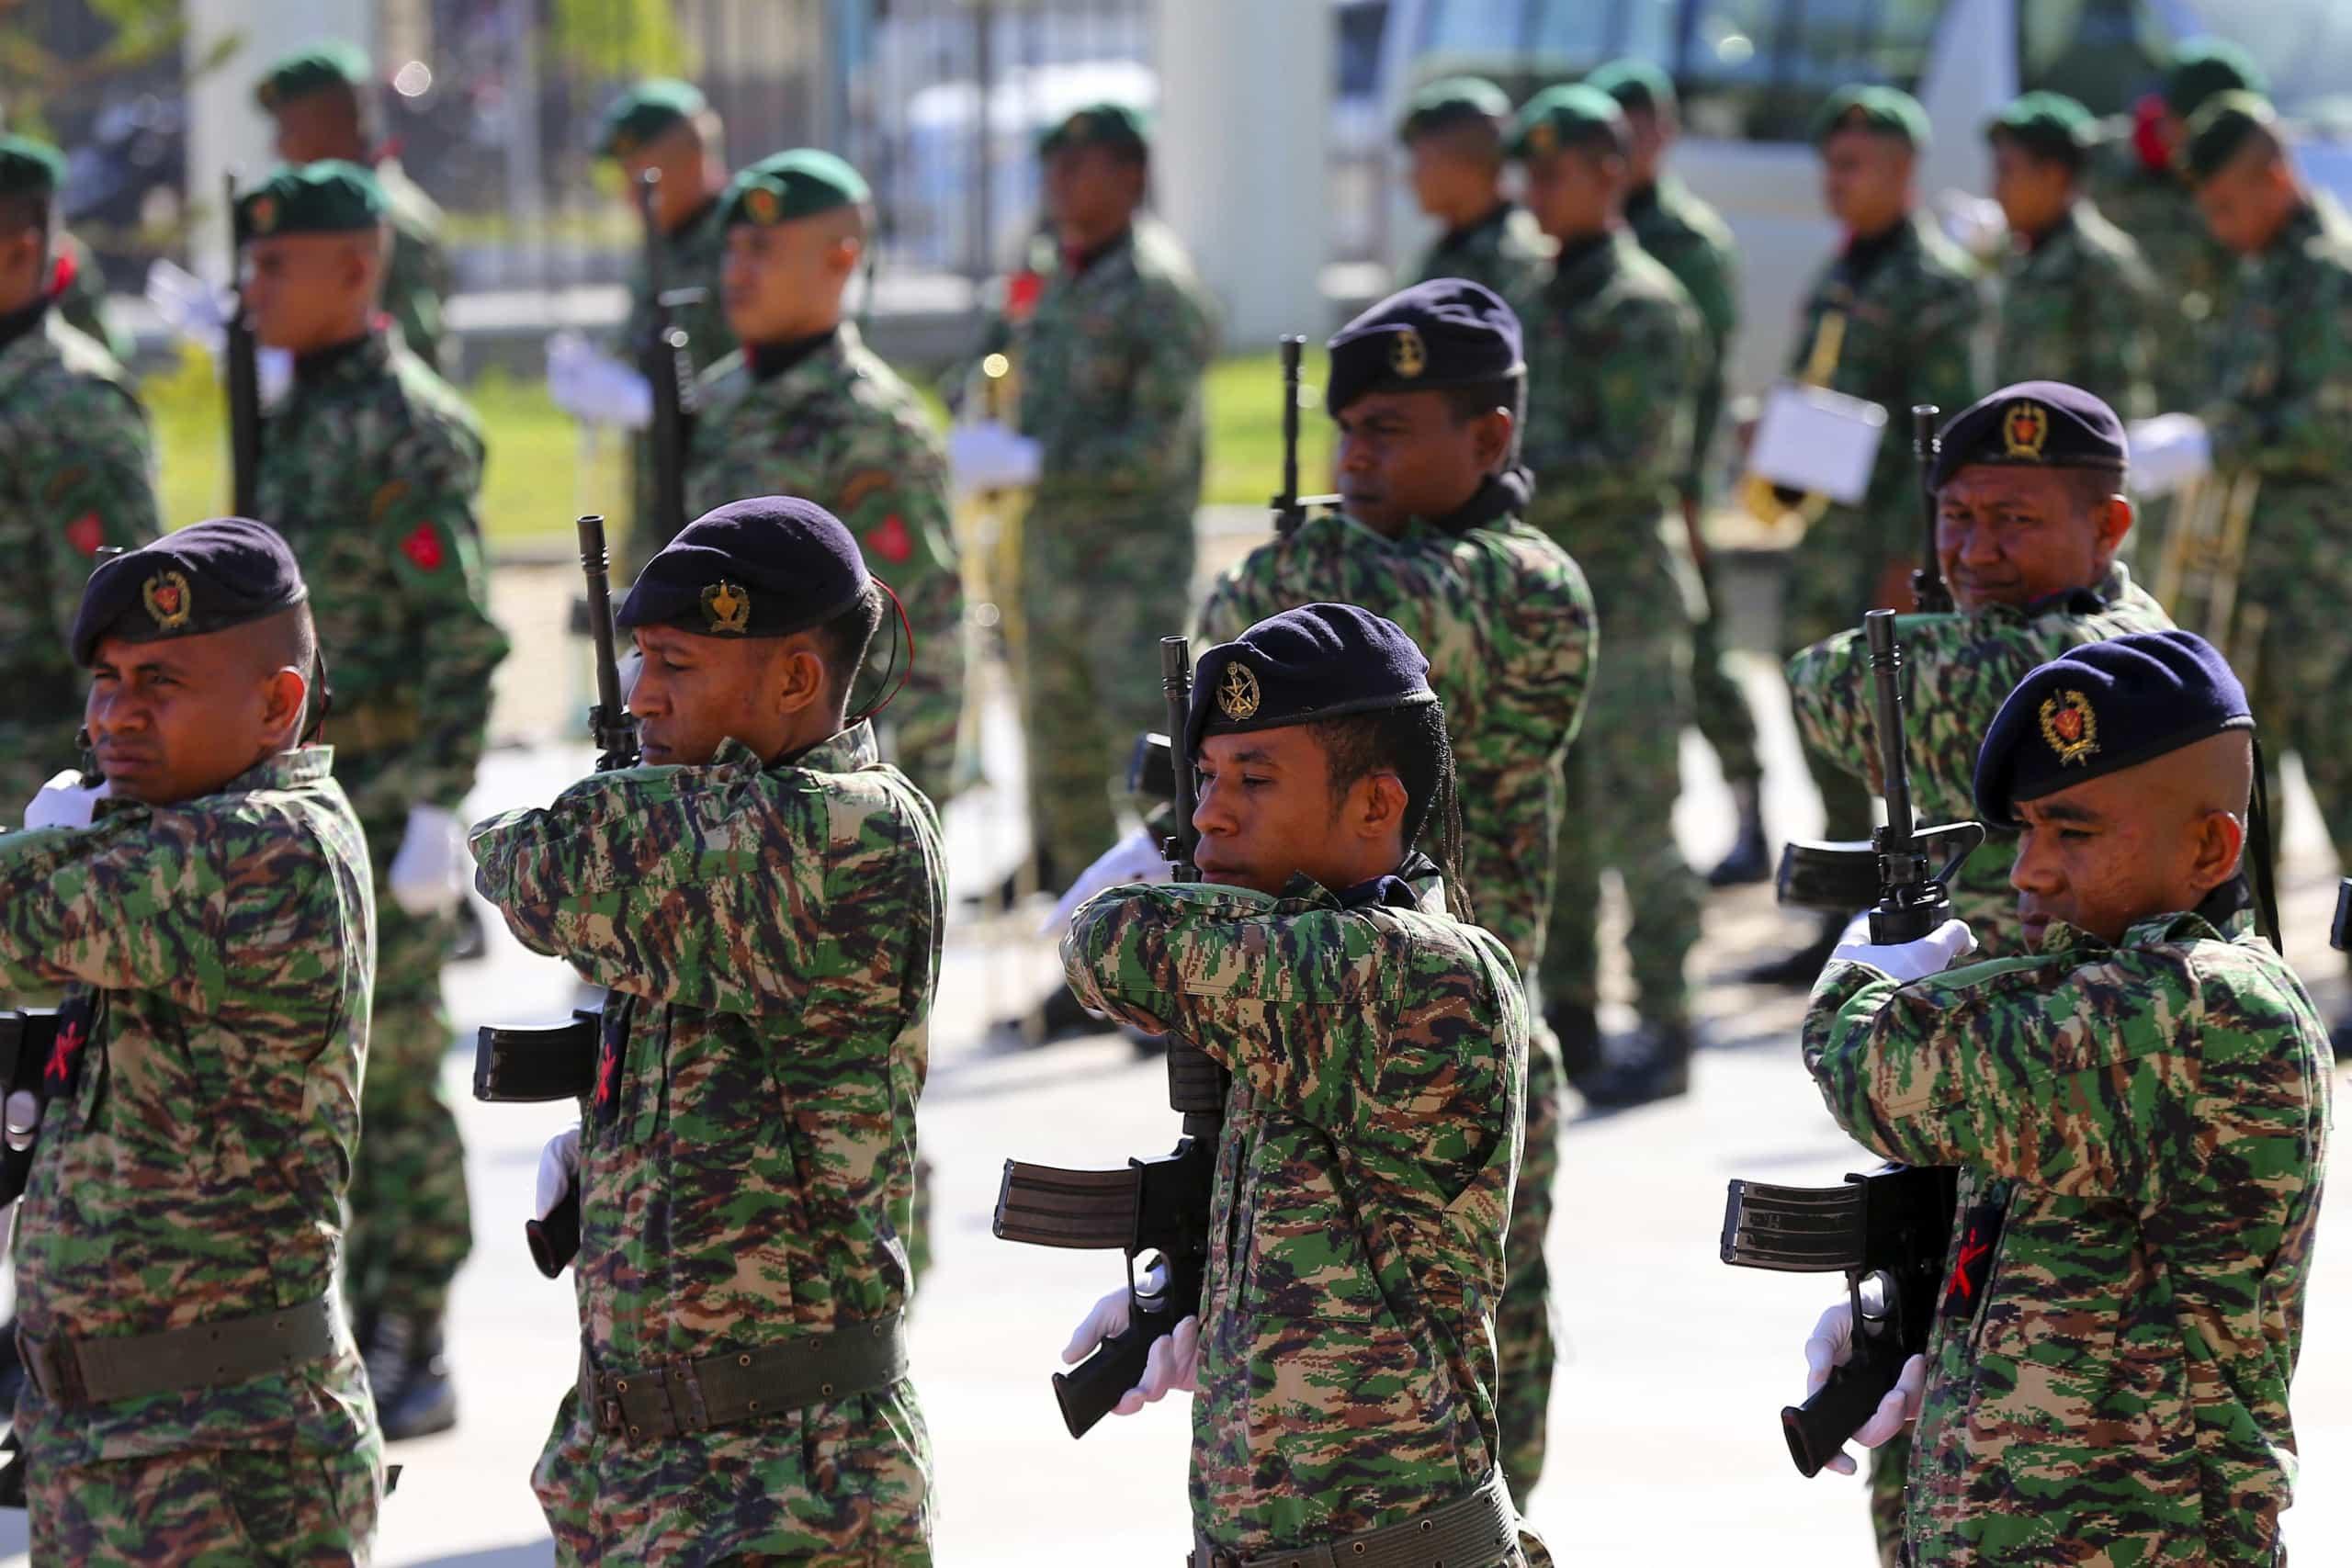 Desfile militar assinala centenário do Armistício da Grande Guerra